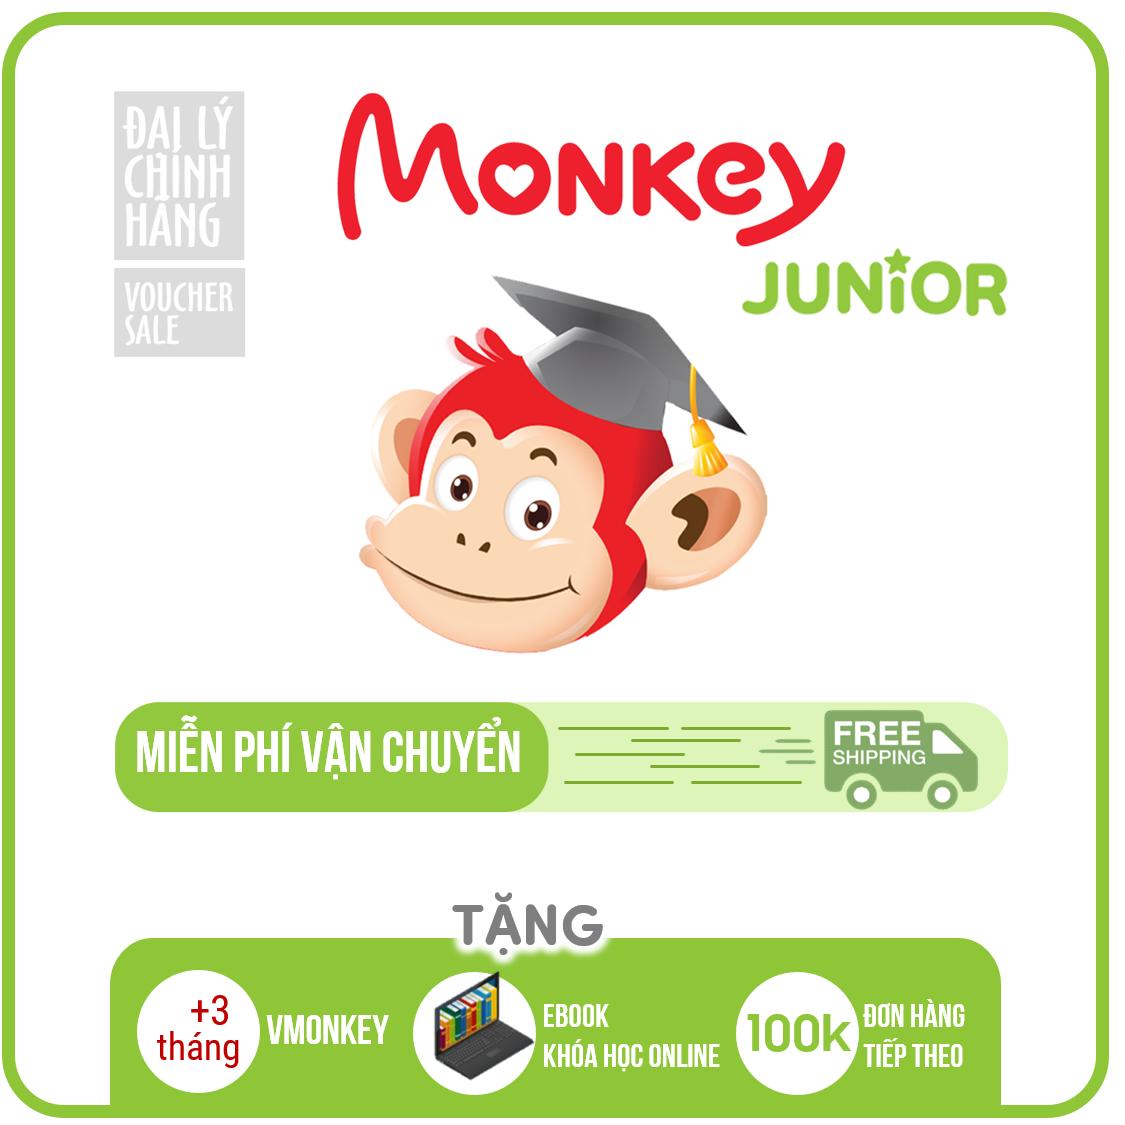 Monkey Junior (Trọn đời, 4 năm, 2 năm,1 năm) - Phần mềm tiếng Anh ngữ cho trẻ em